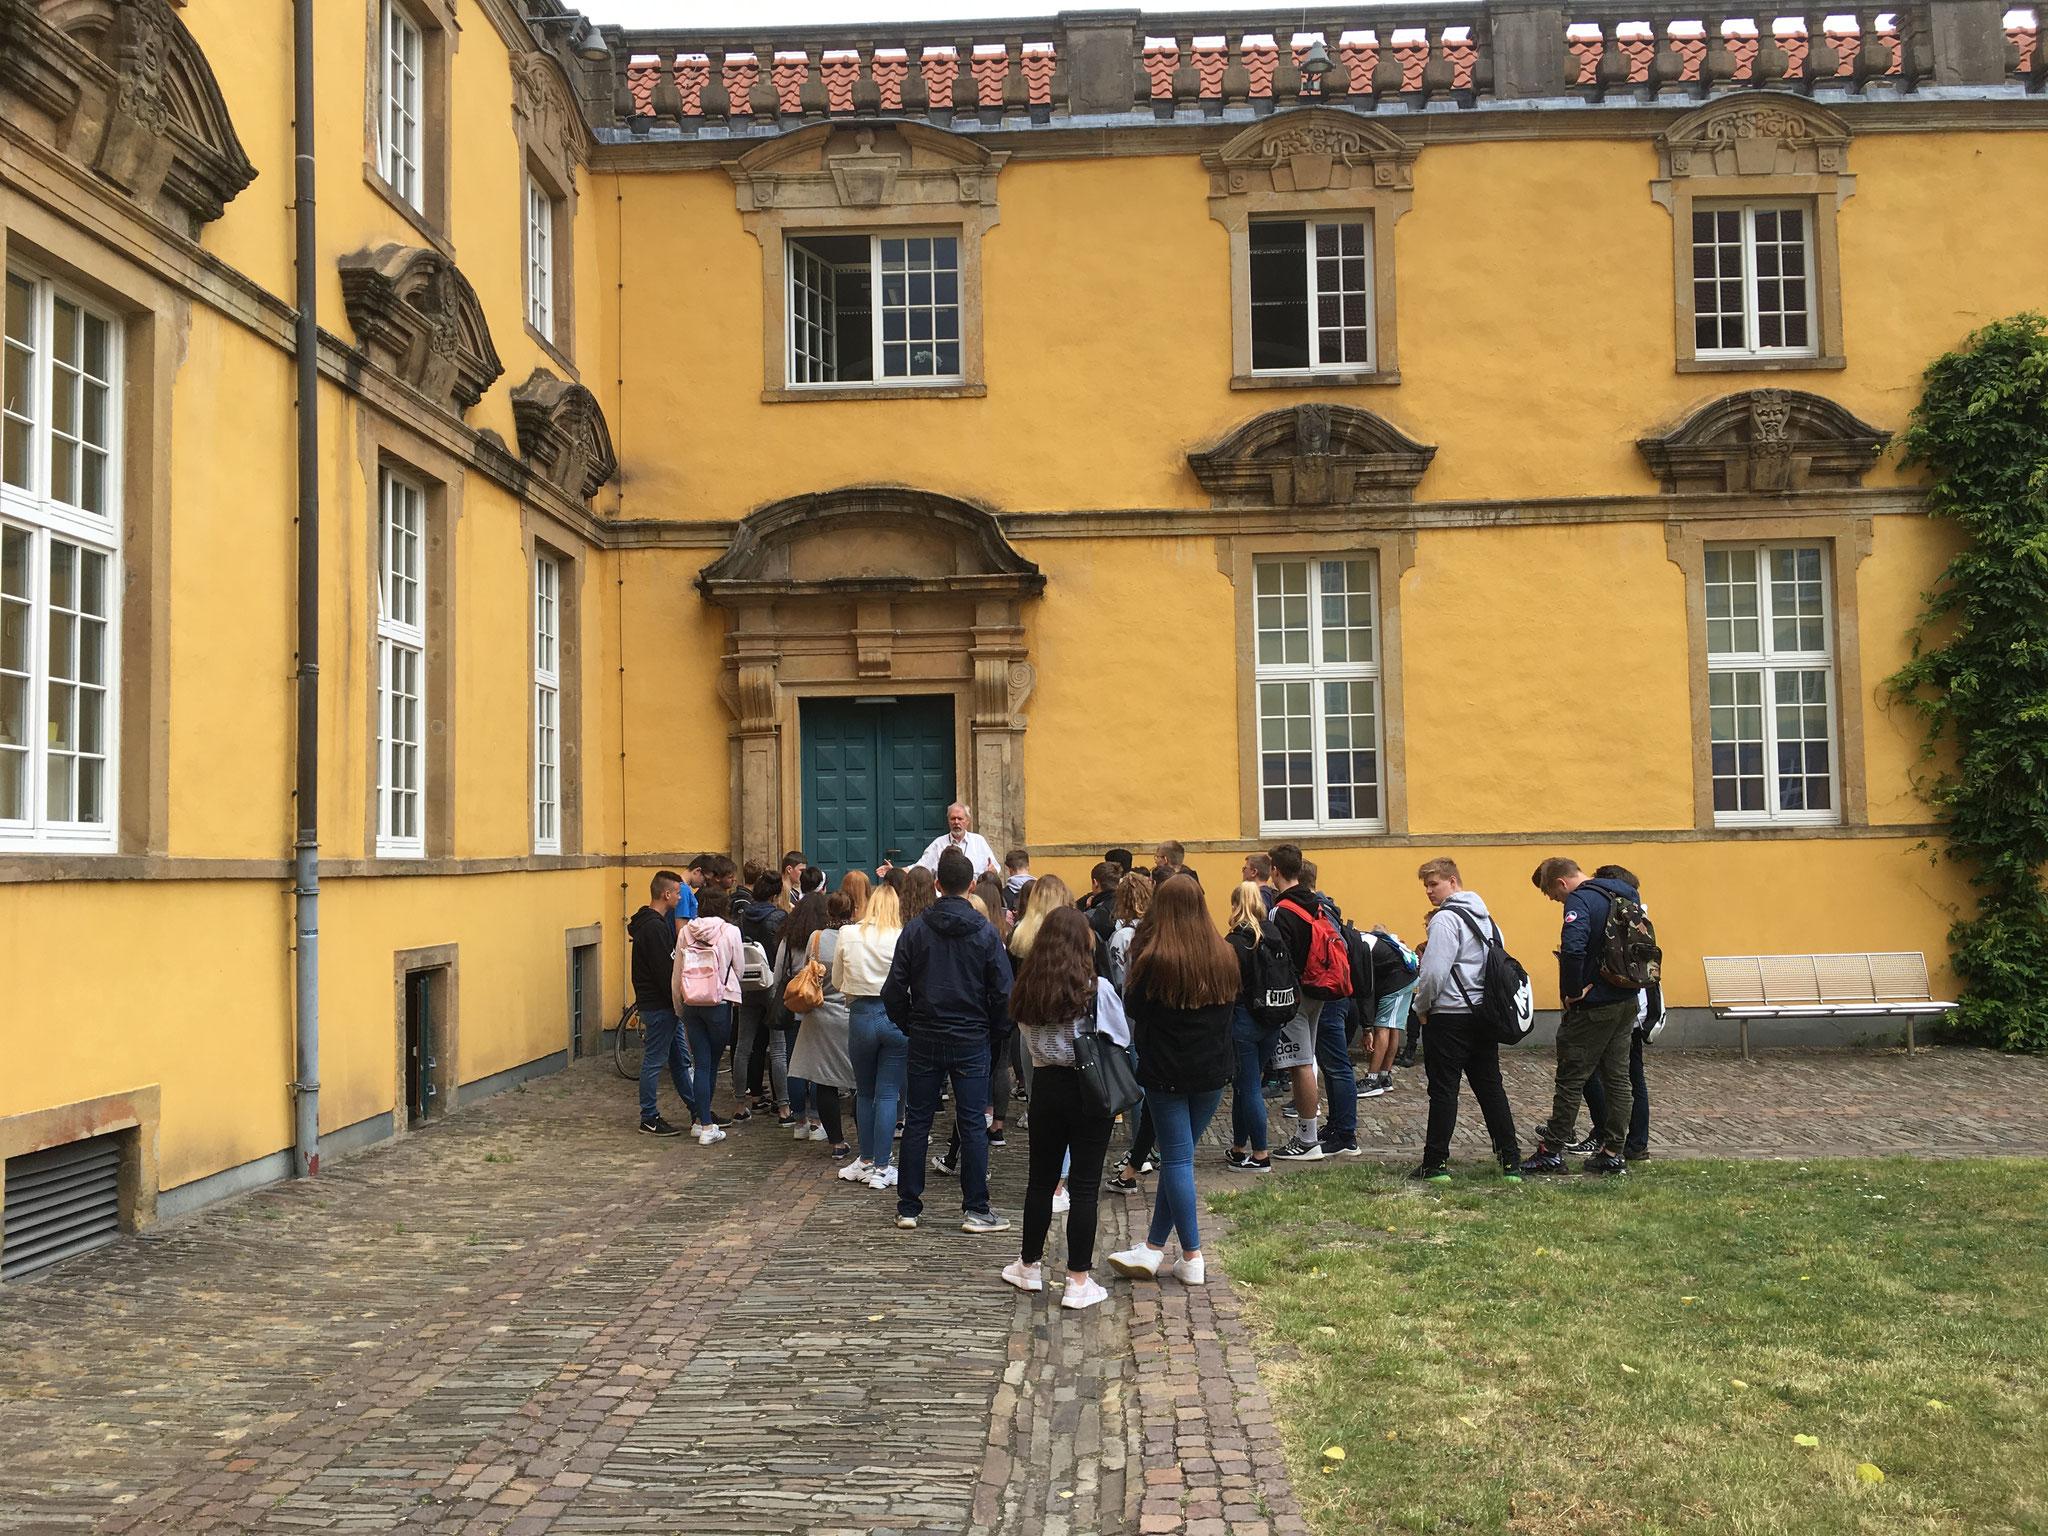 Gestapokeller im Schloss Osnabrück